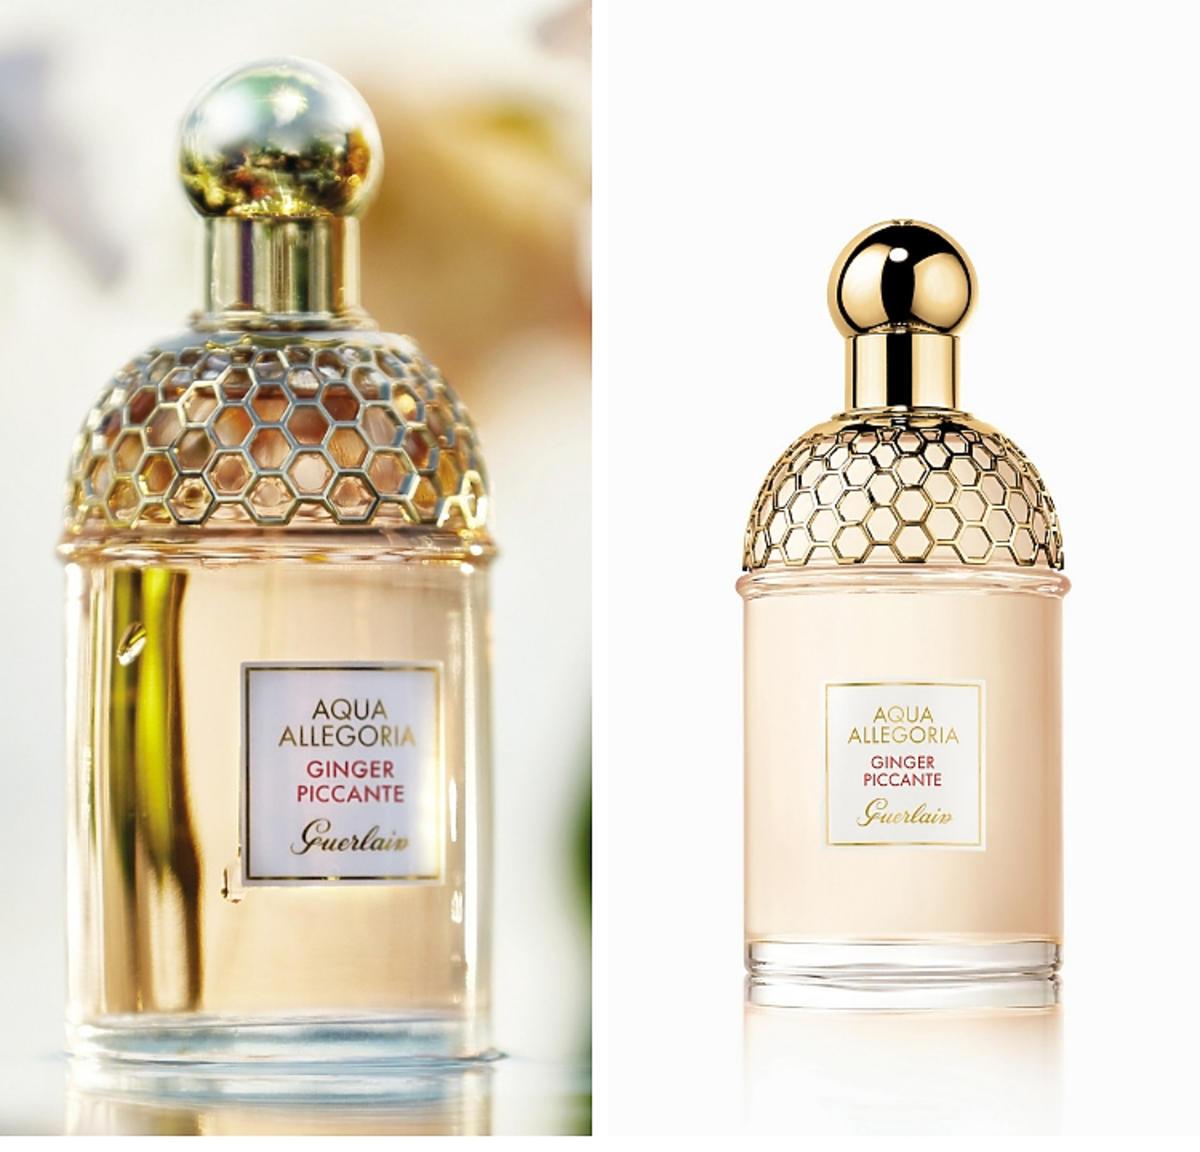 Nowy zapach Aqua Allegoria Flora Cherrysia Guerlain